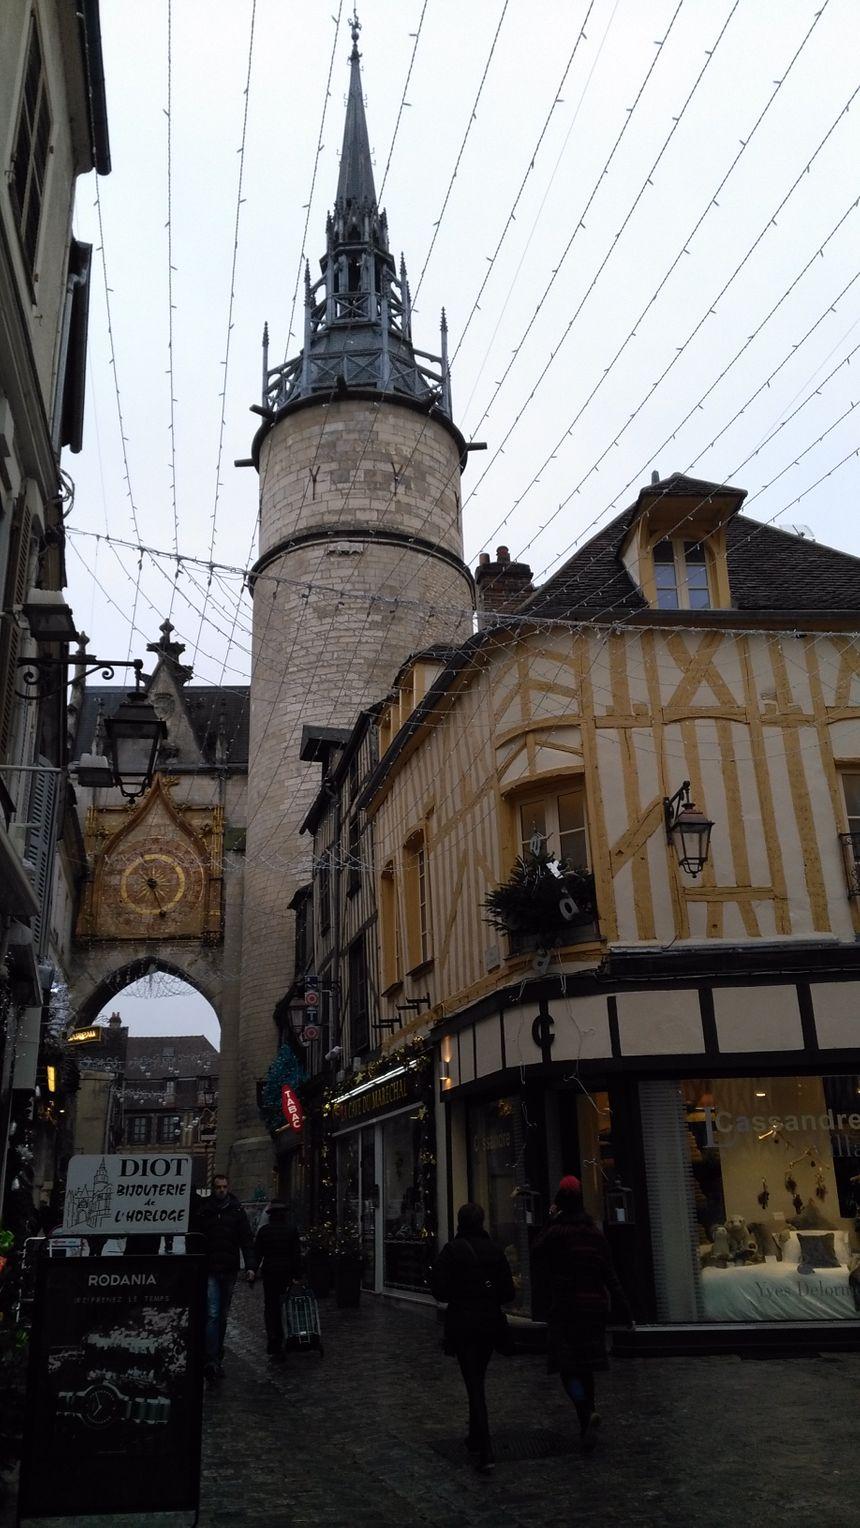 La tour de l'horloge est un monument incontournable d'Auxerre.